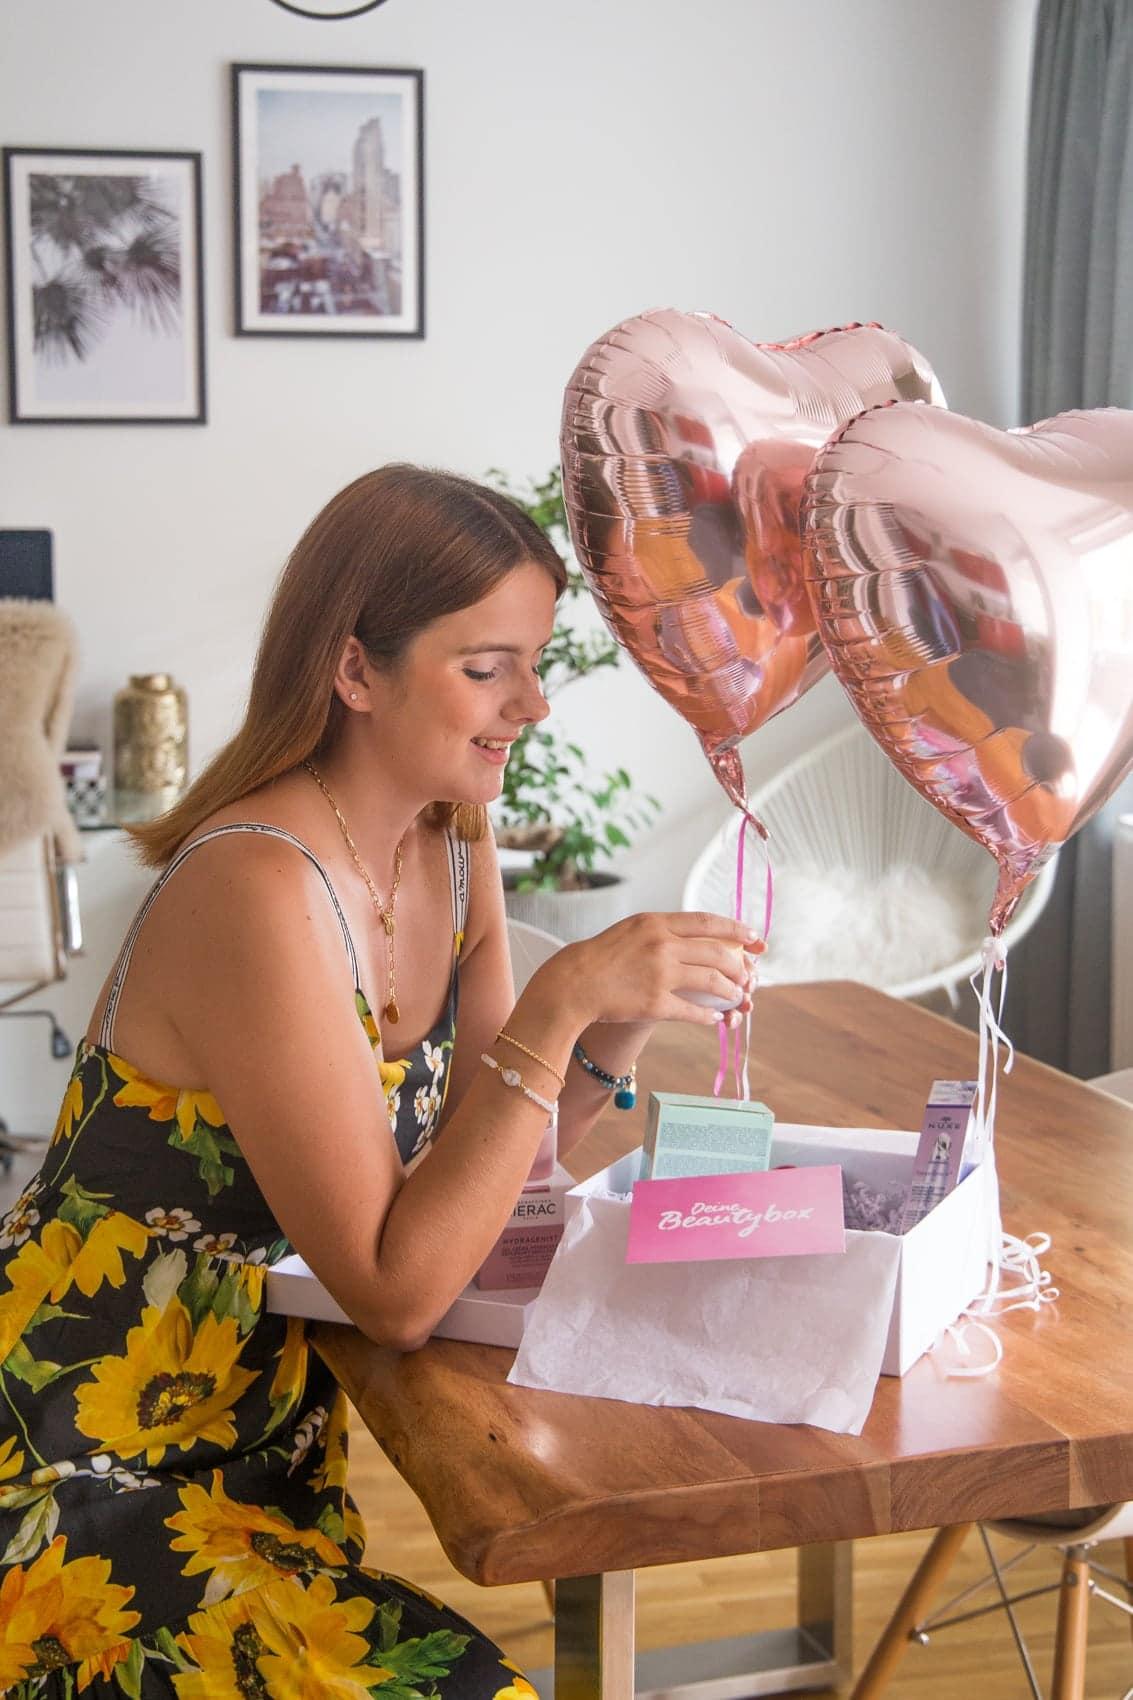 Vier Neuheiten in der Beauty Box von Apotheker.com